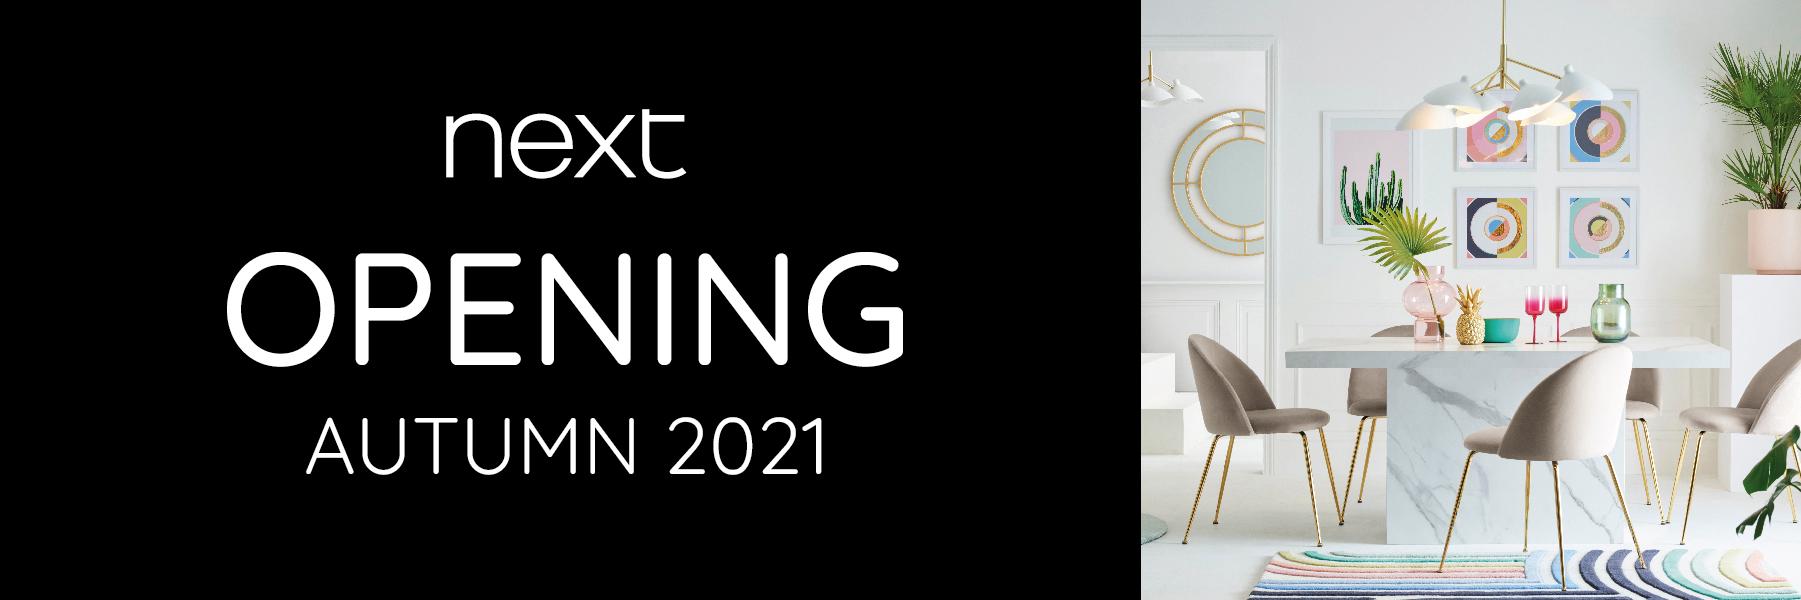 NEXT – Opening Autumn 2021